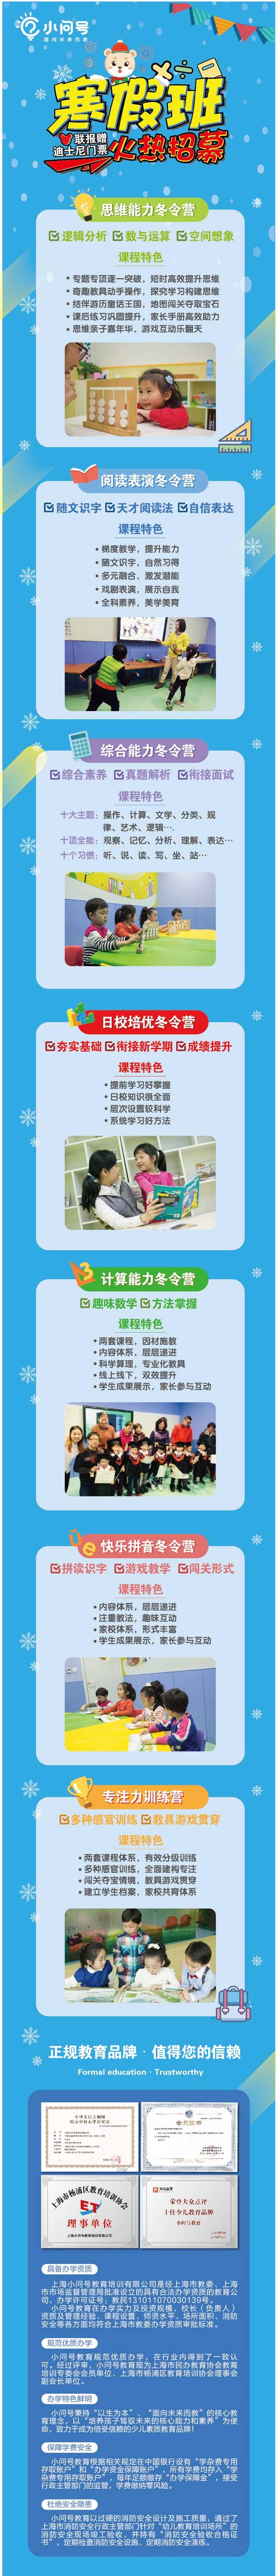 上海小问号幼儿综合培训辅导寒假班火热招募!